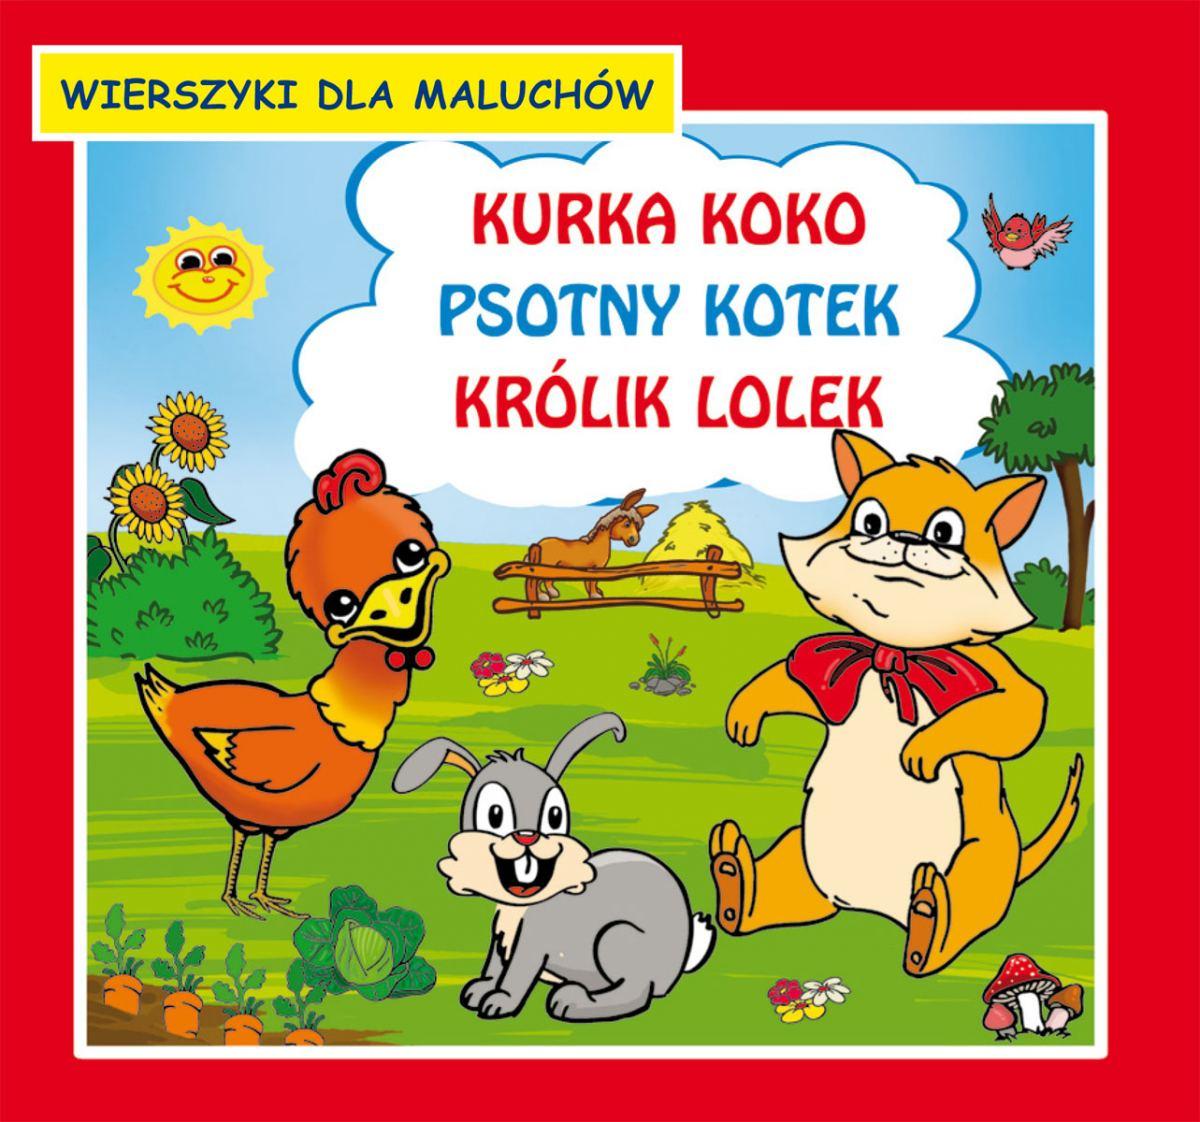 Kurka Koko. Psotny kotek. Królik Lolek. Wierszyki dla maluchów - Ebook (Książka PDF) do pobrania w formacie PDF